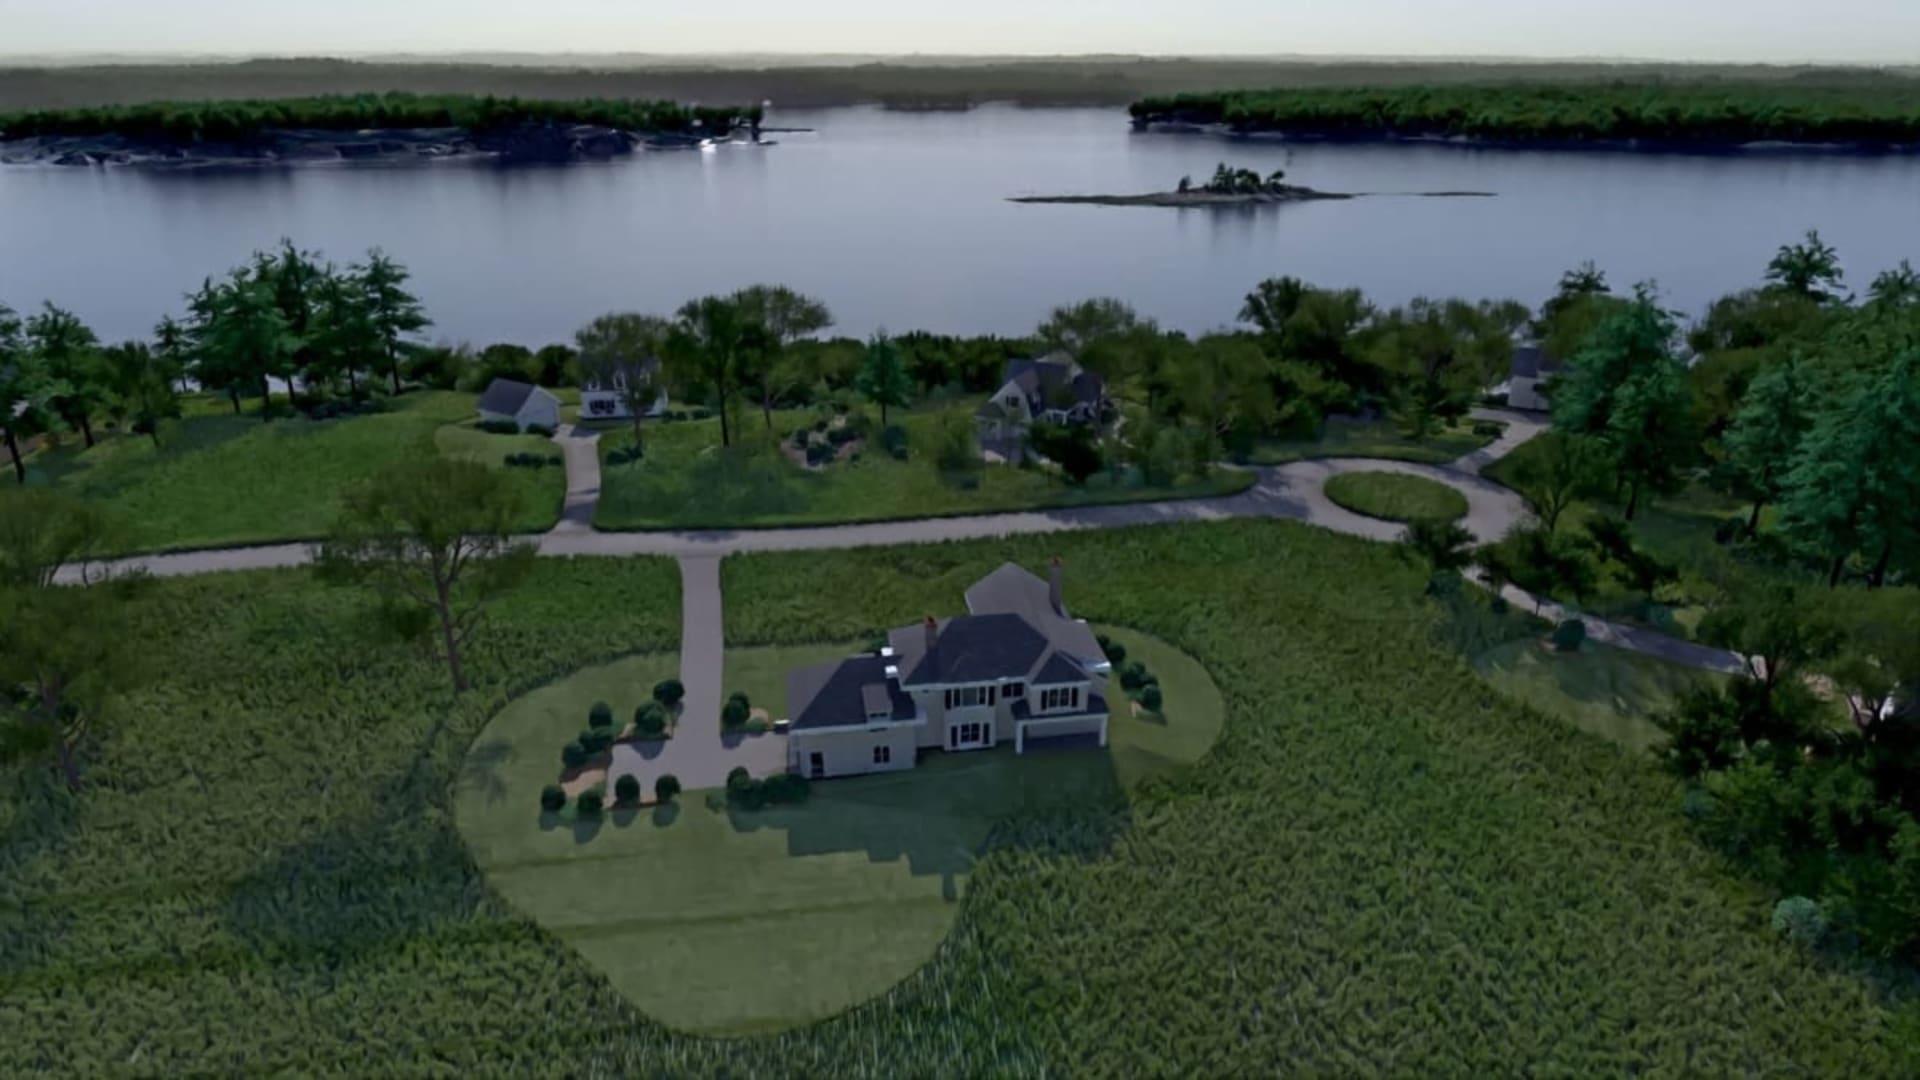 Quahog Farm